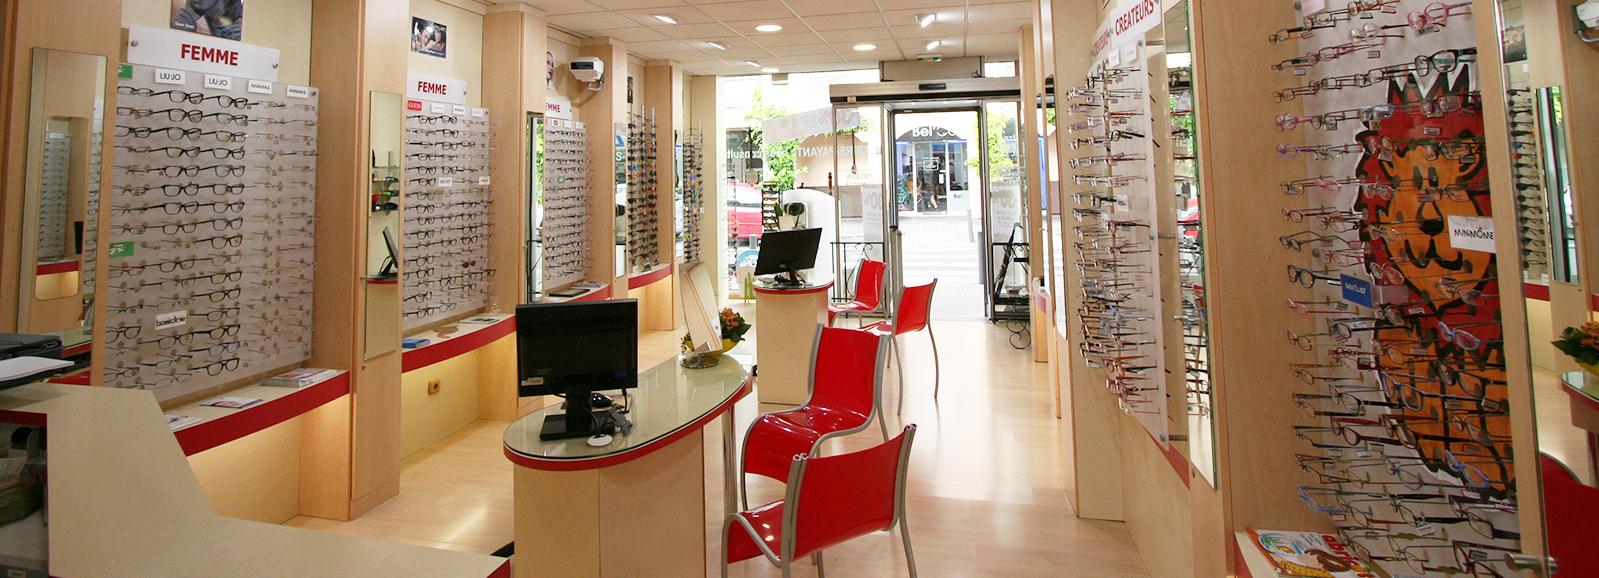 magasin confort optique aulnay sous bois interieur